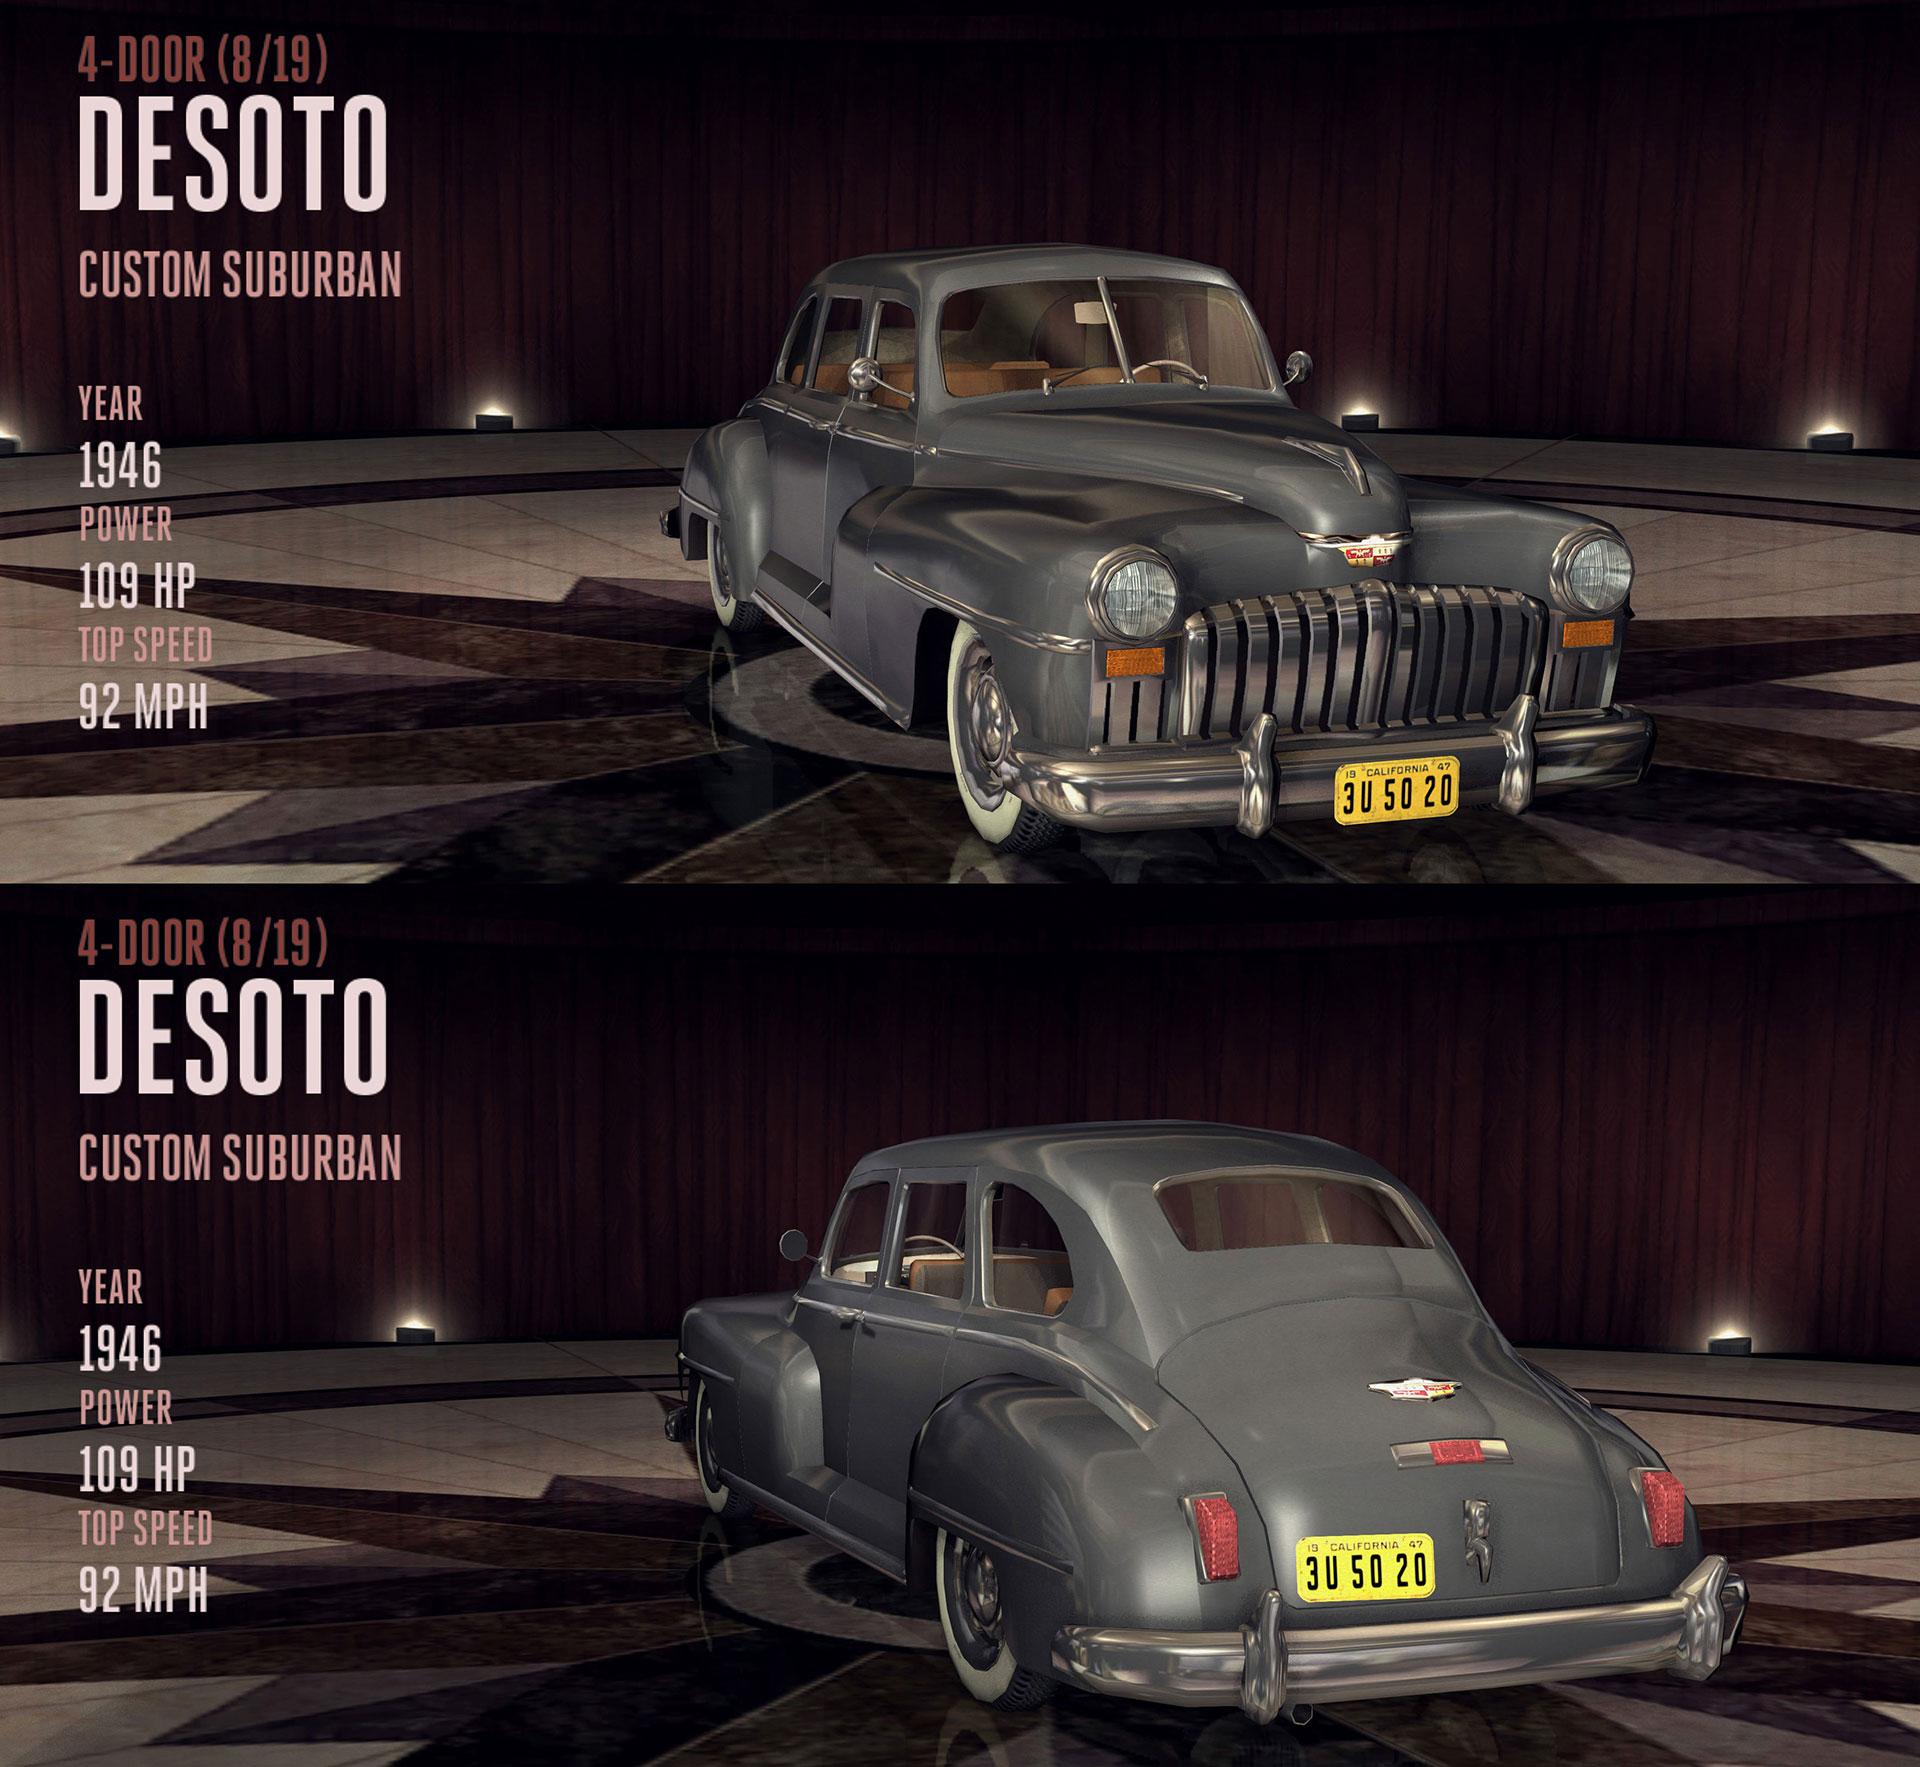 Archivo:1946-desoto-custom-suburban.jpg